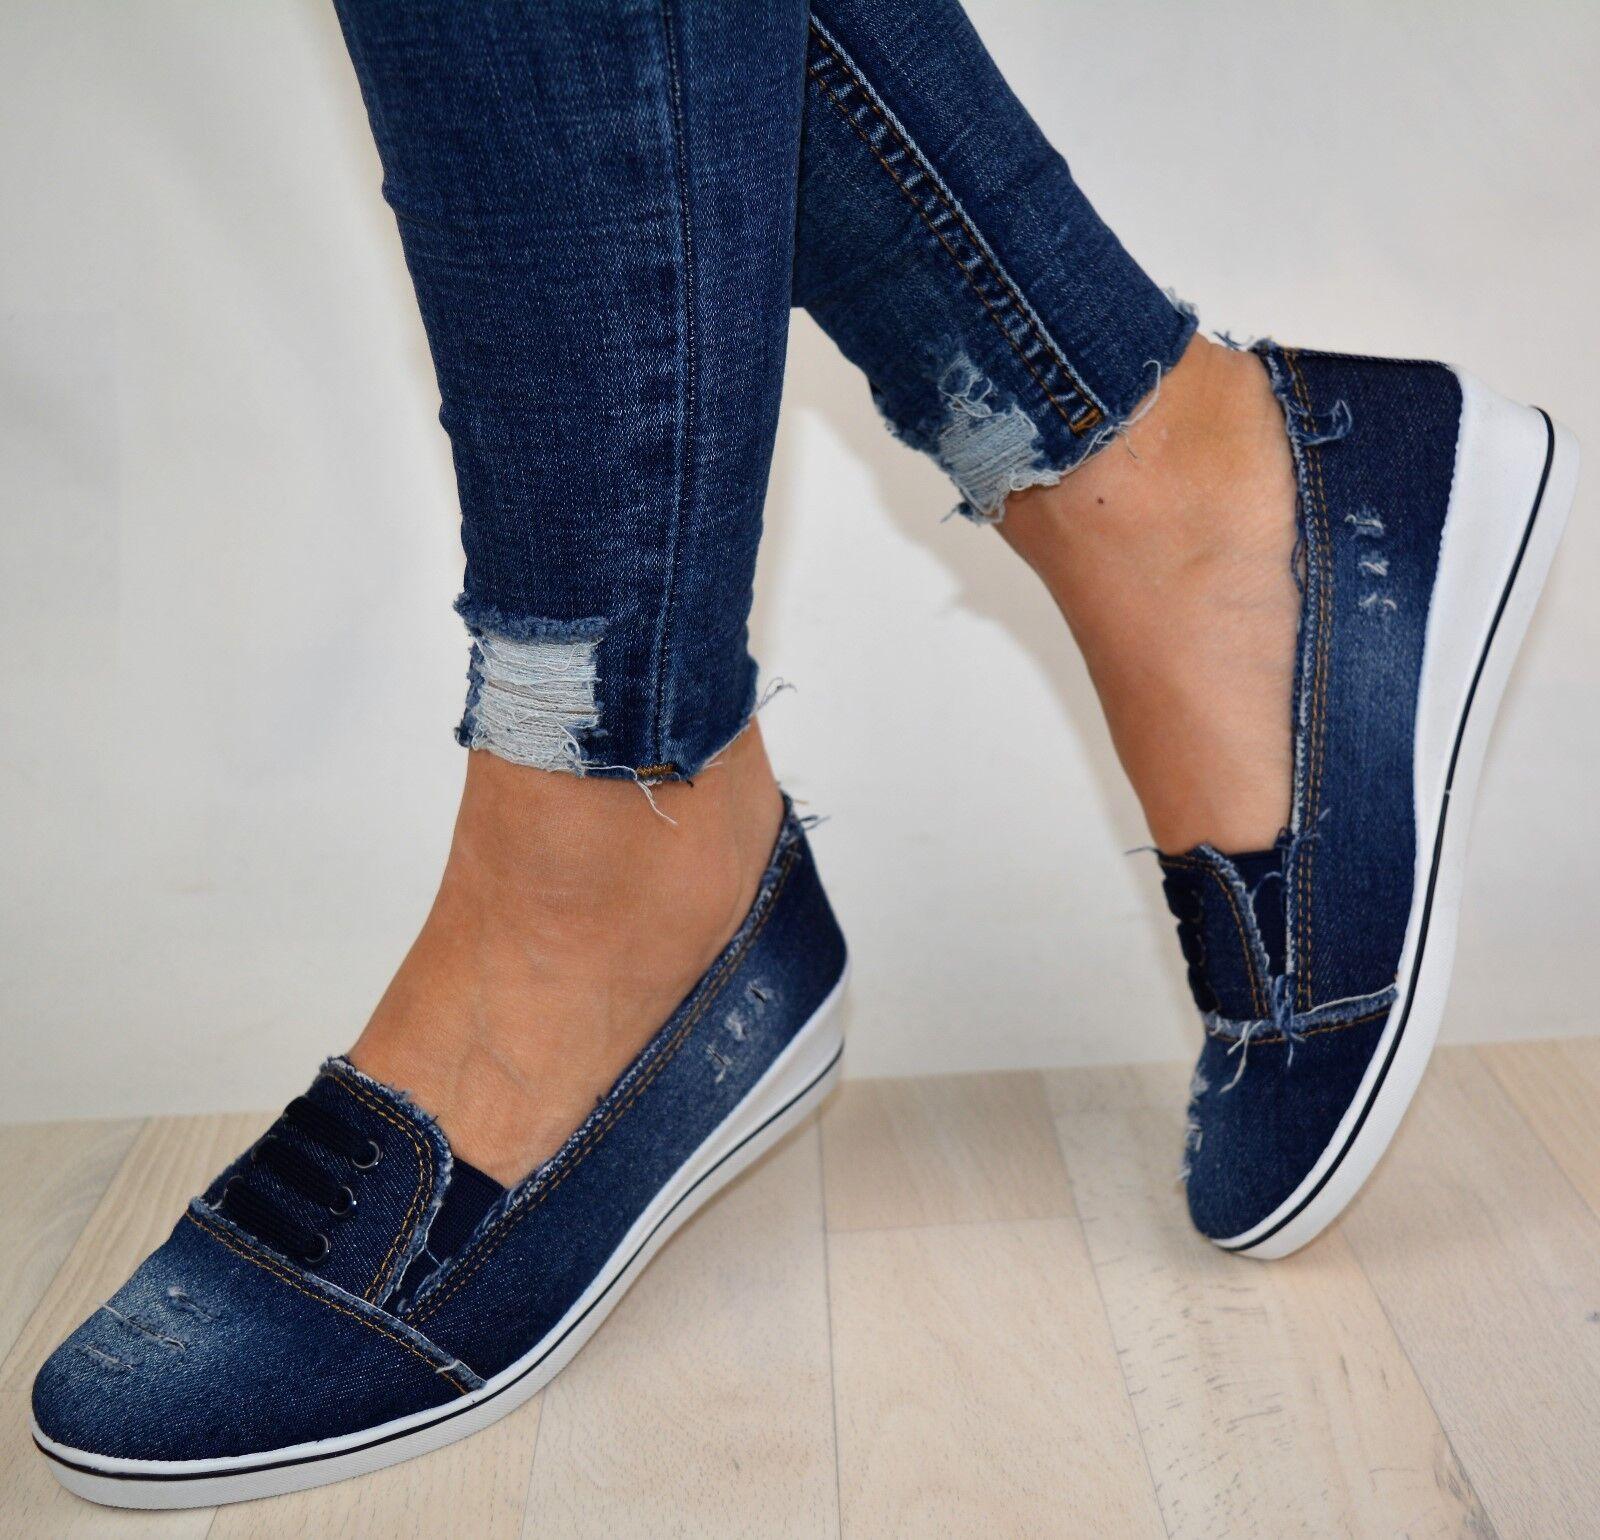 Damen Schuhe Sneaker Jeans Blau Sportschuhe Ballerina Freizeitschuhe Keilabsatz